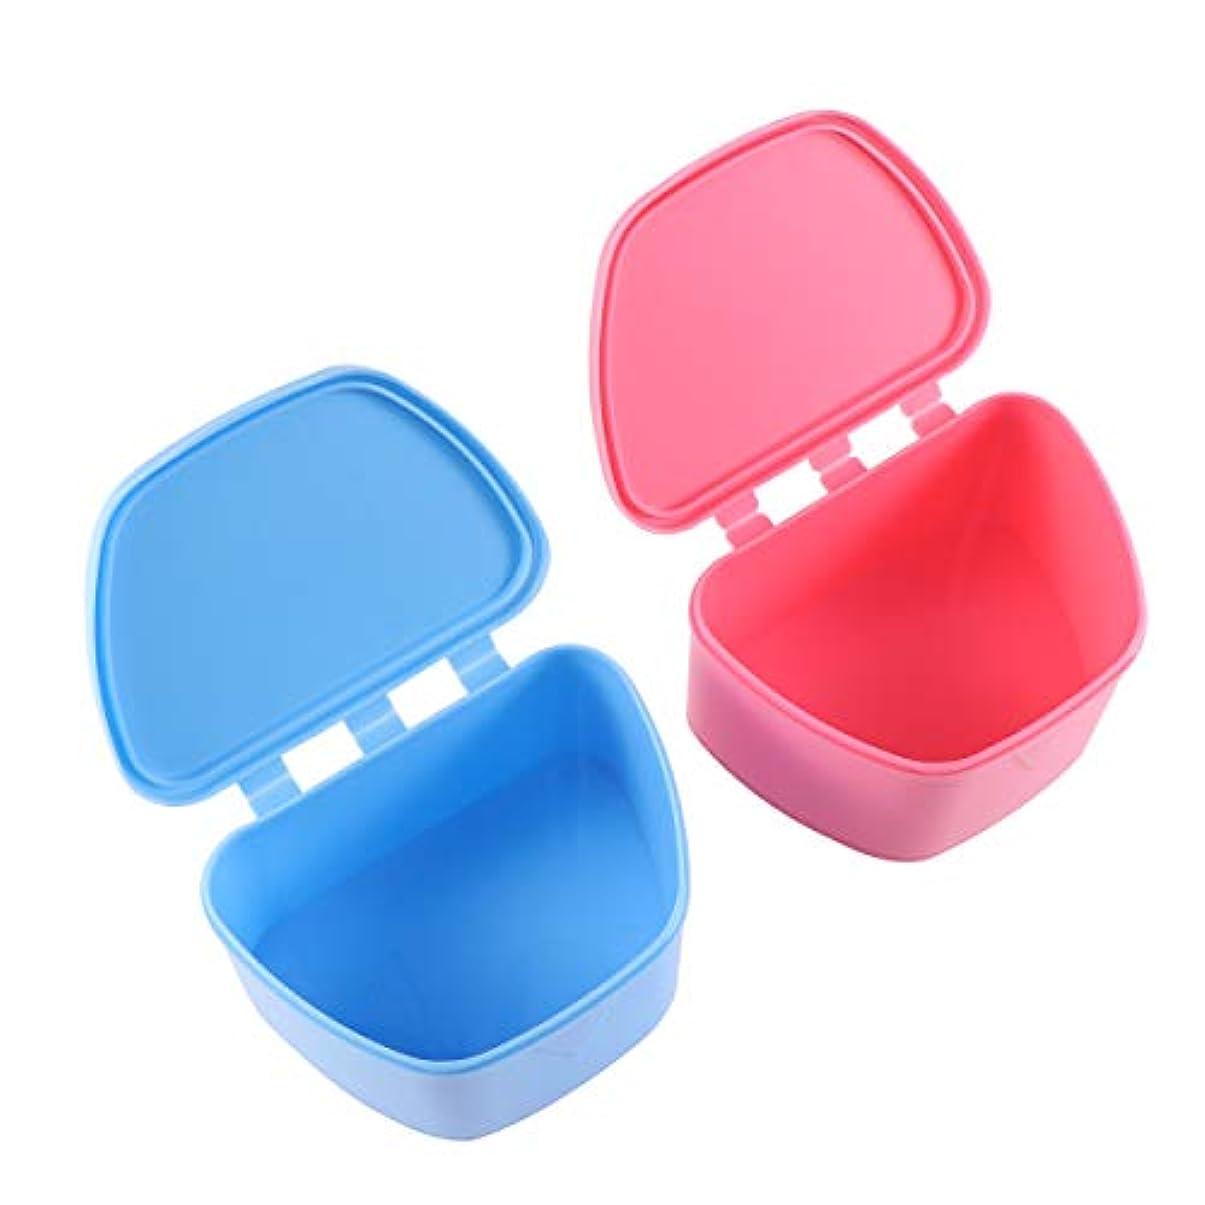 うっかり戸口マッシュHealifty 歯科ケース義歯収納ボックス矯正歯科ボックス2個(青とロージー)